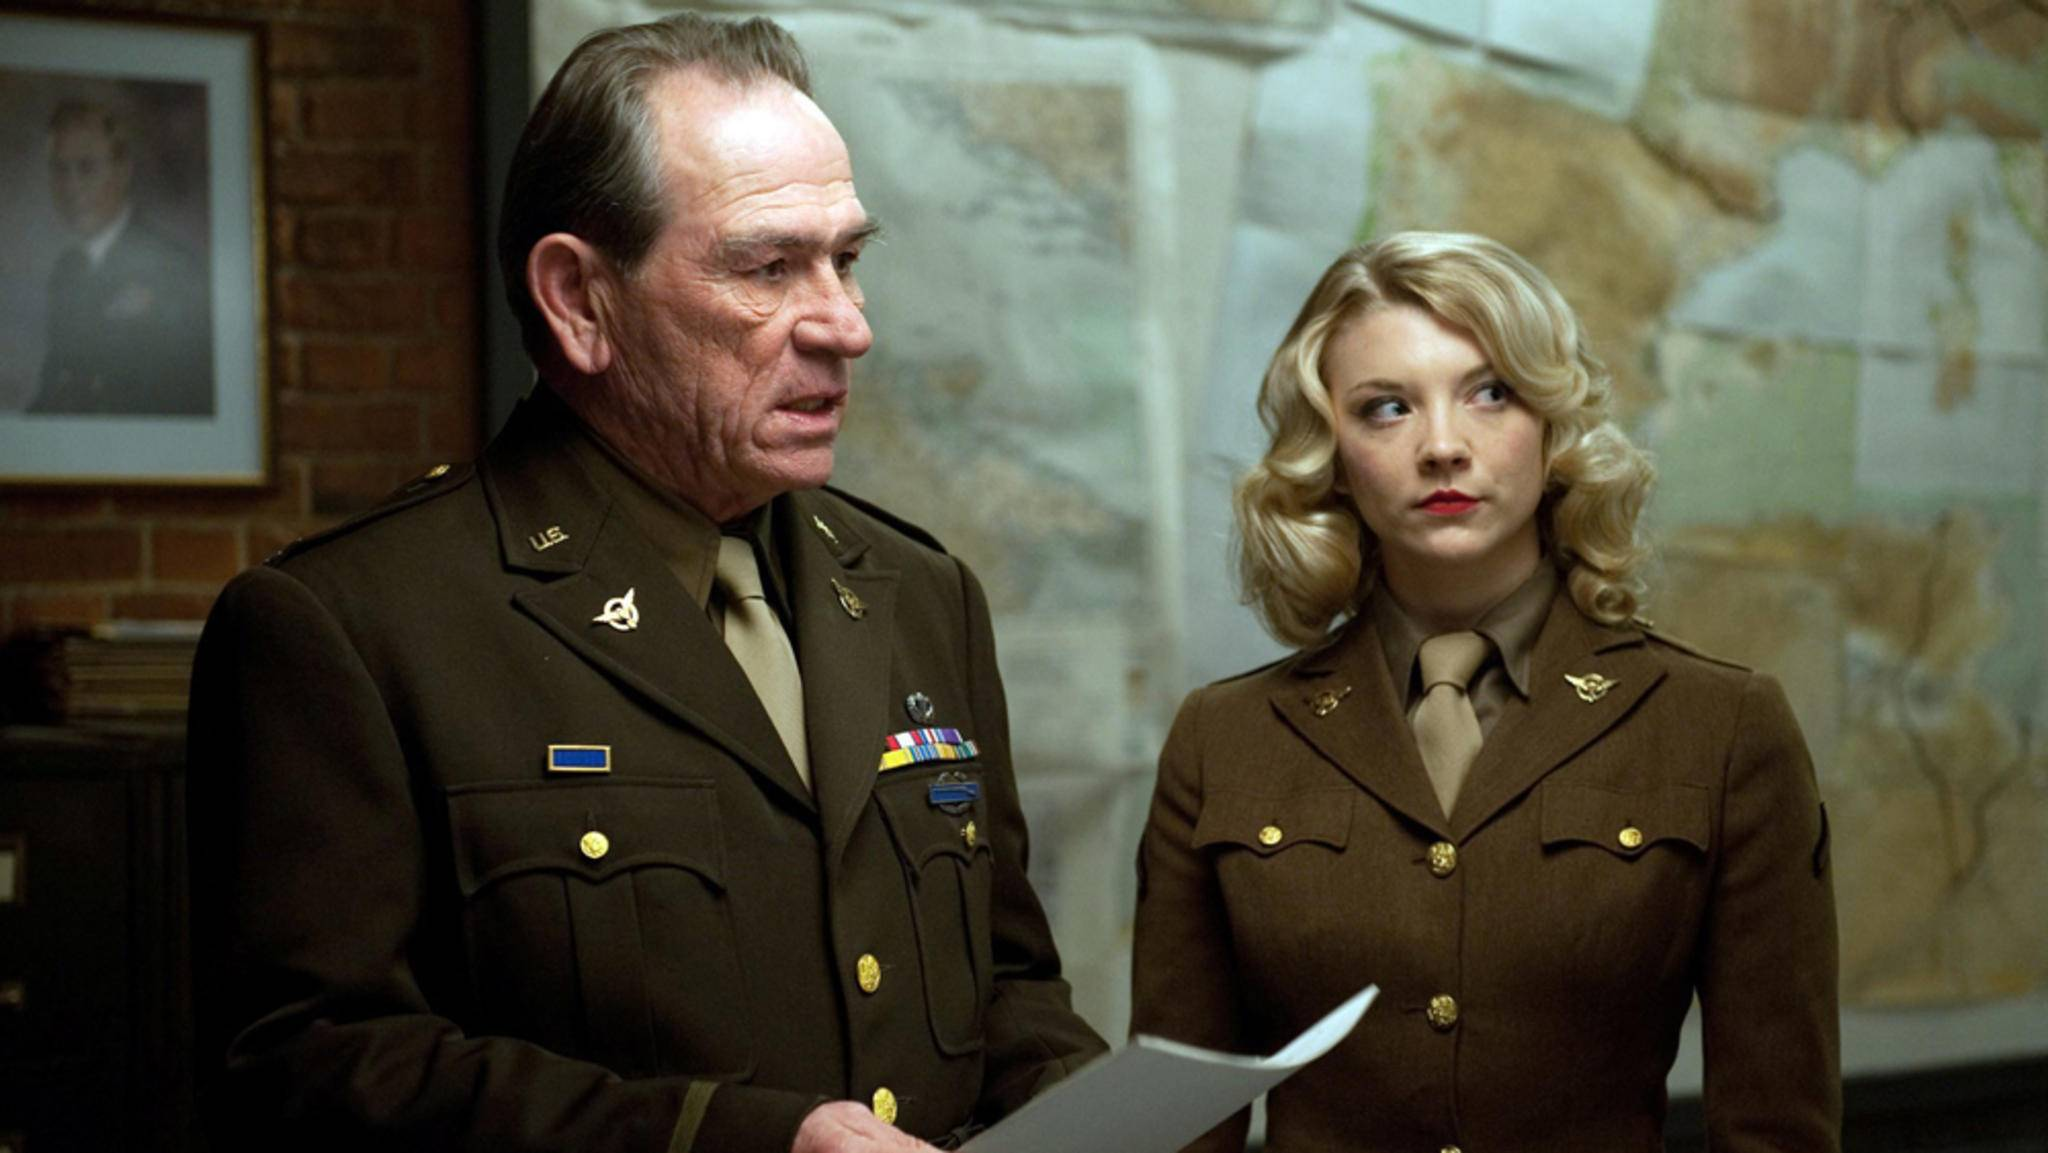 Ginge es nach den Marvel-Fans, wäre Natalie Dormer (rechts) mehr als nur ein Cameo-Auftritt vergönnt gewesen.